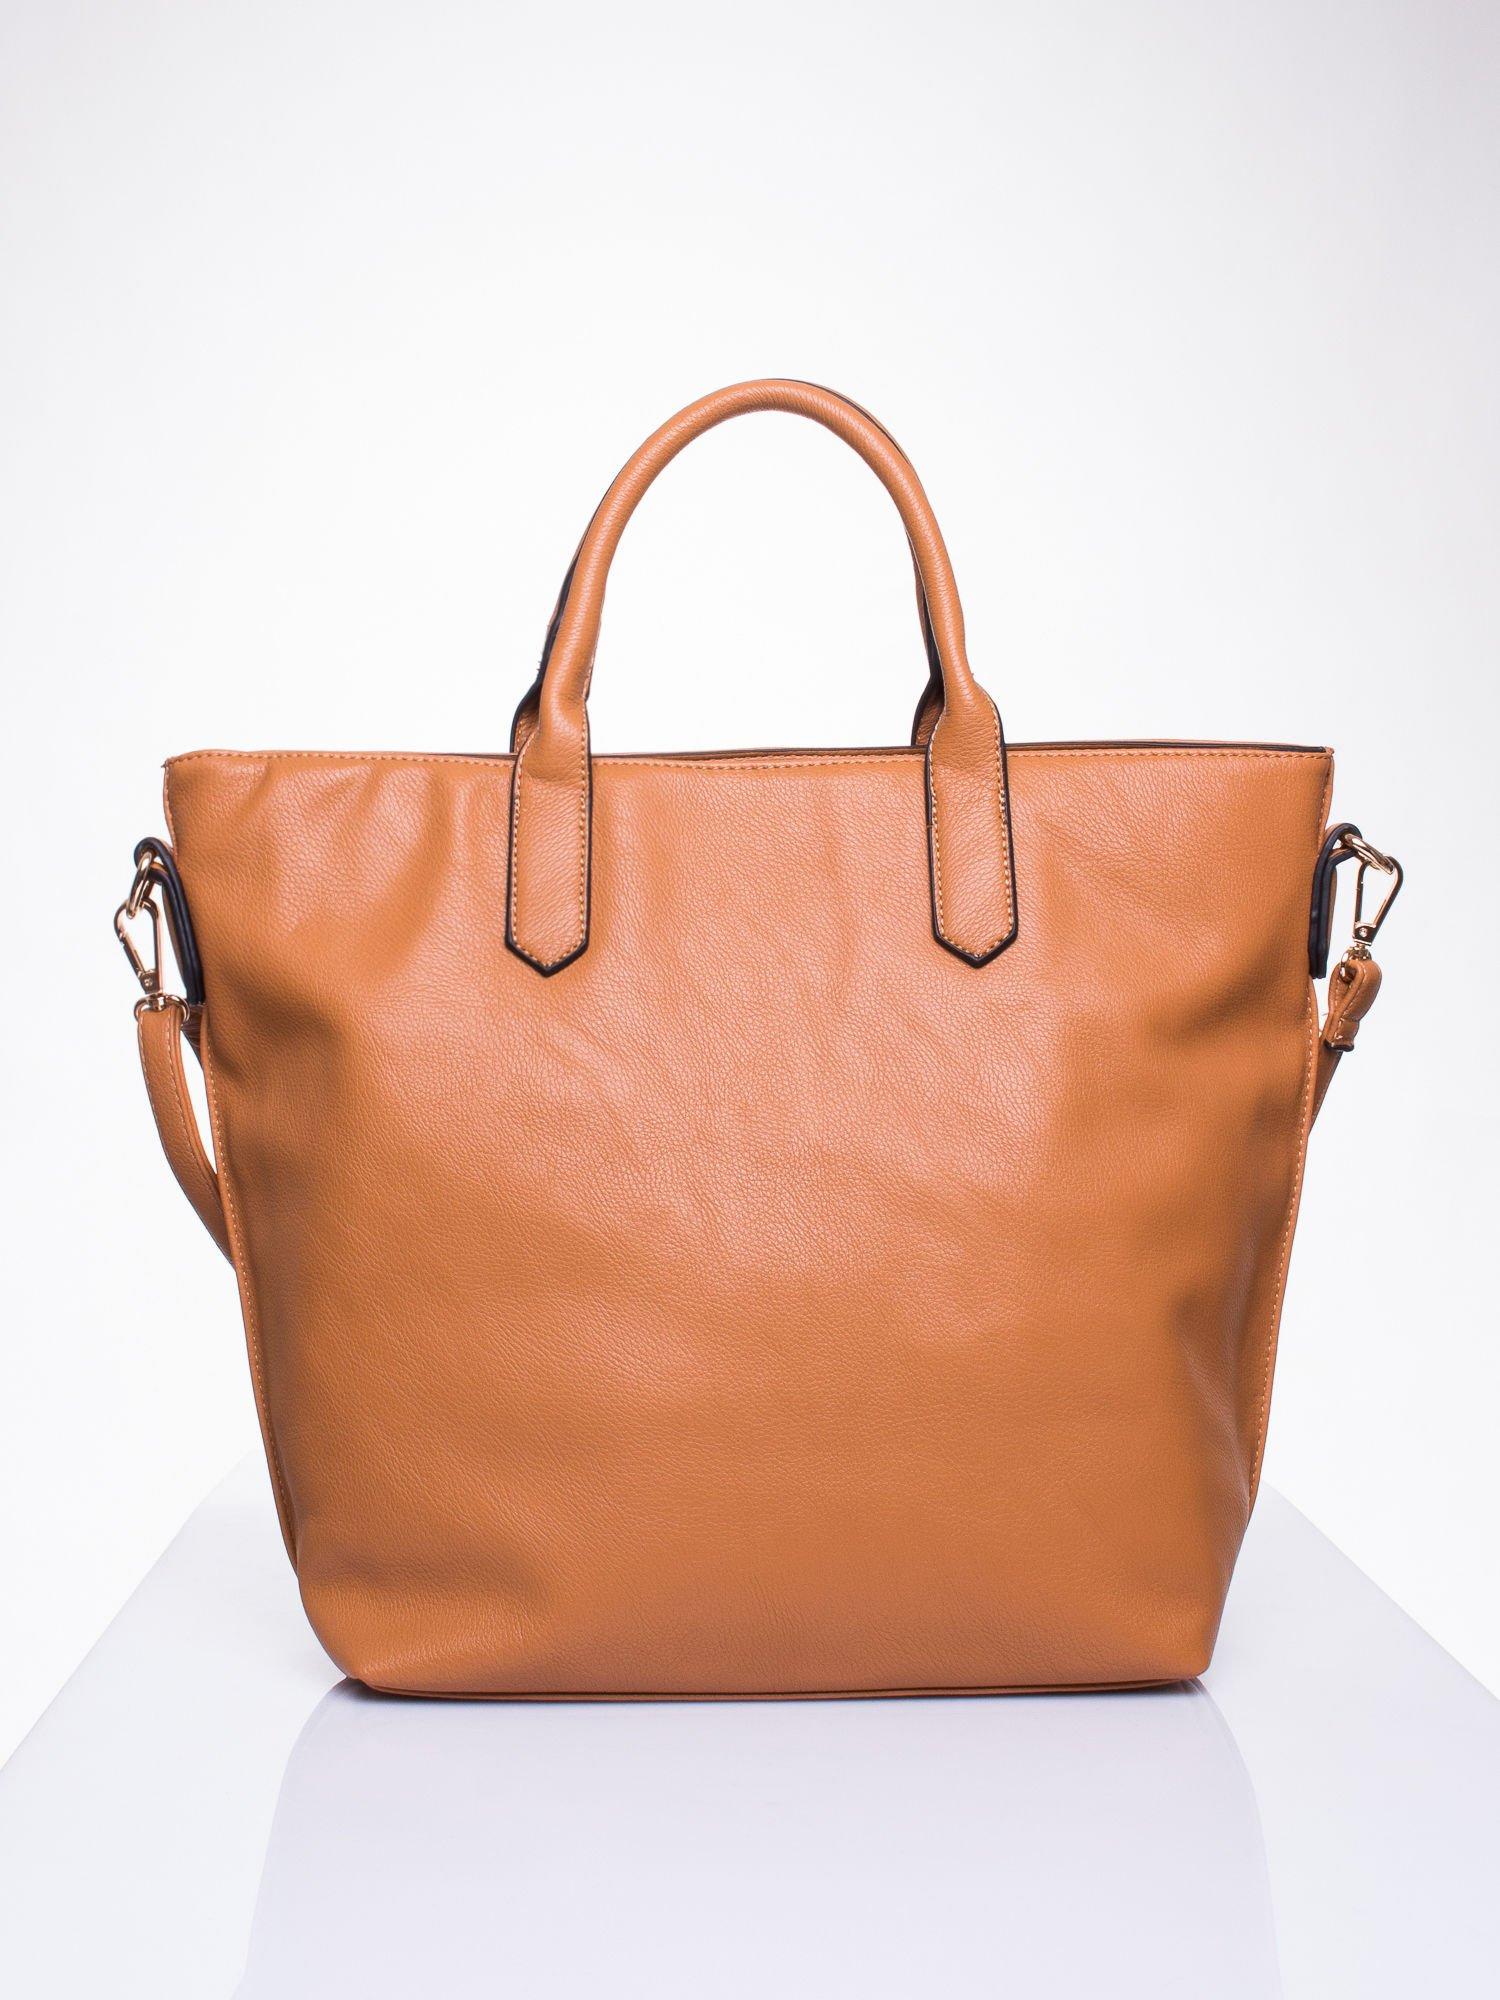 Brązowa torba damska do ręki                                  zdj.                                  2